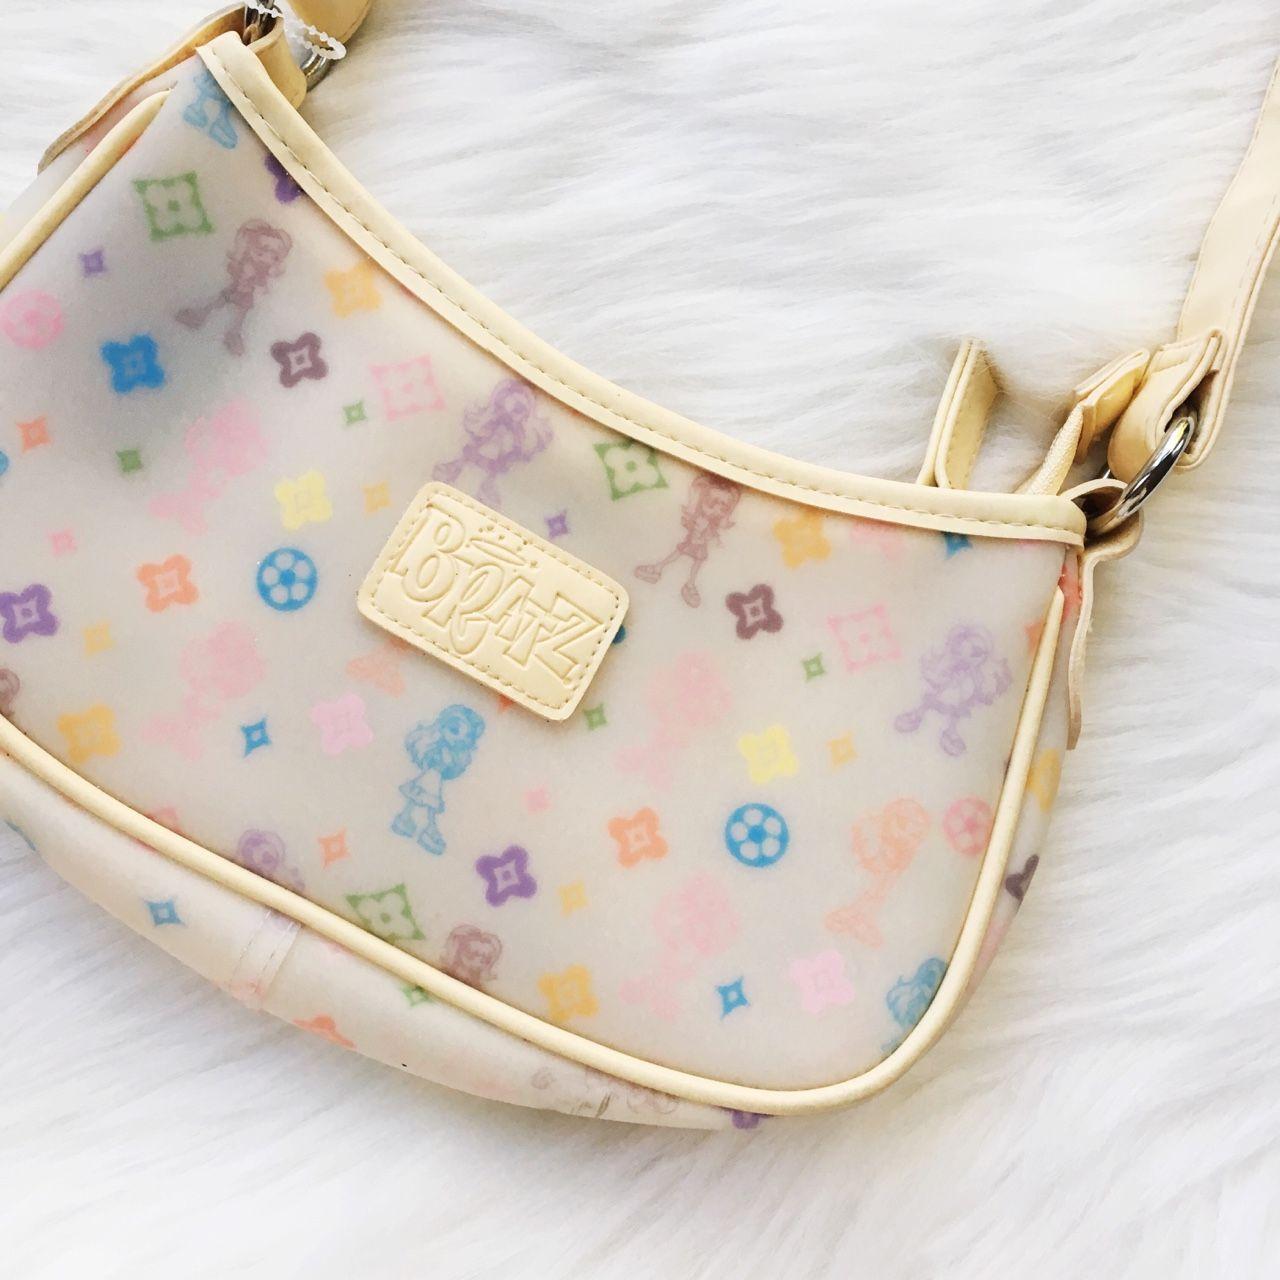 Vintage Y2k Bratz Dolls X Louis Vuitton Like Print Depop In 2020 Vintage Lv Bag Bags Luxury Bags